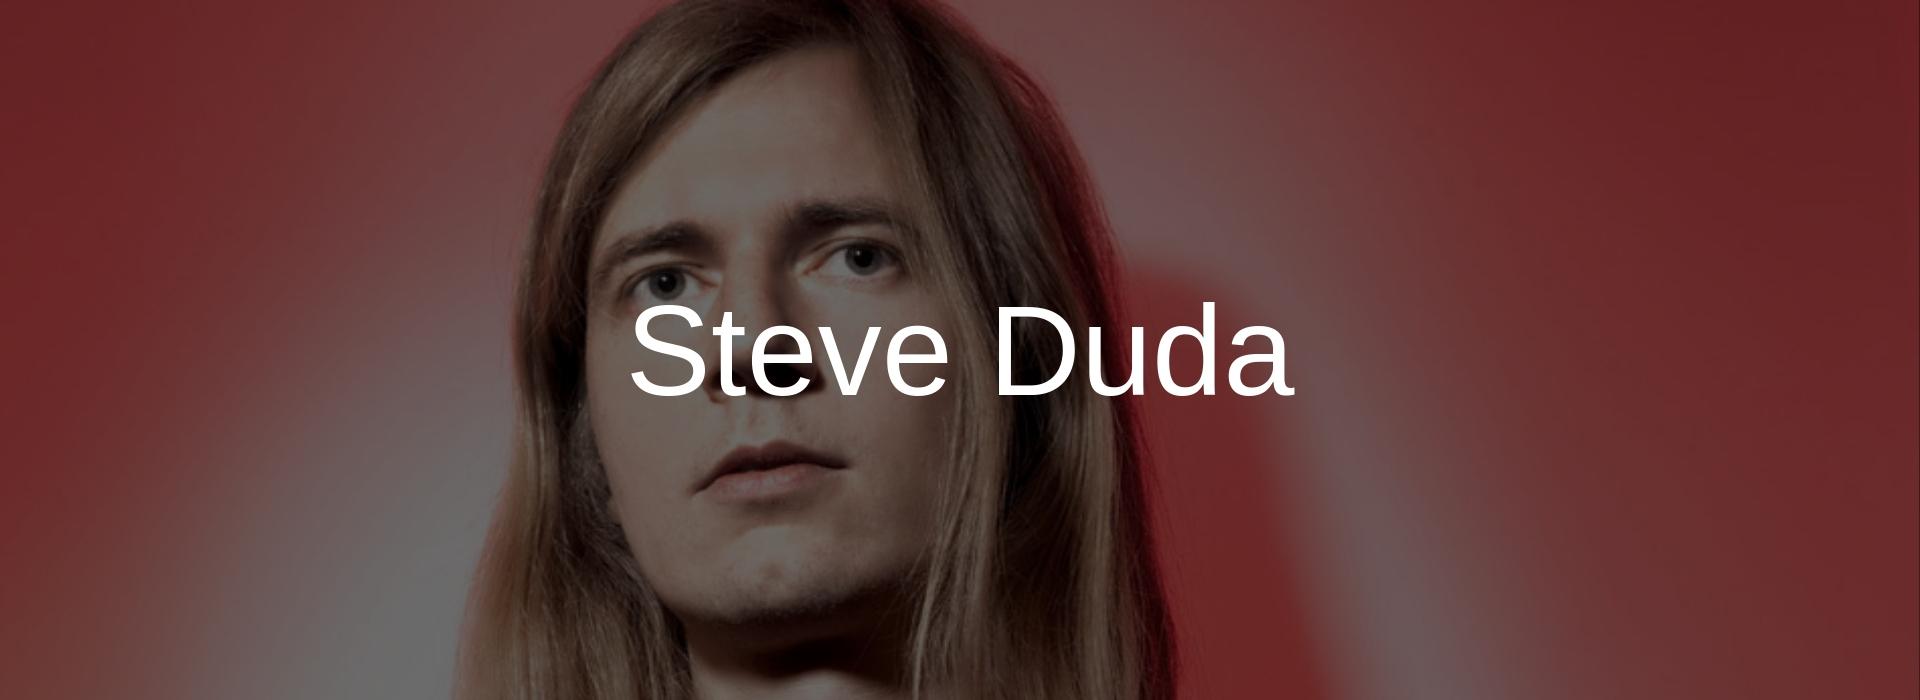 Steve Duda - Pyramind